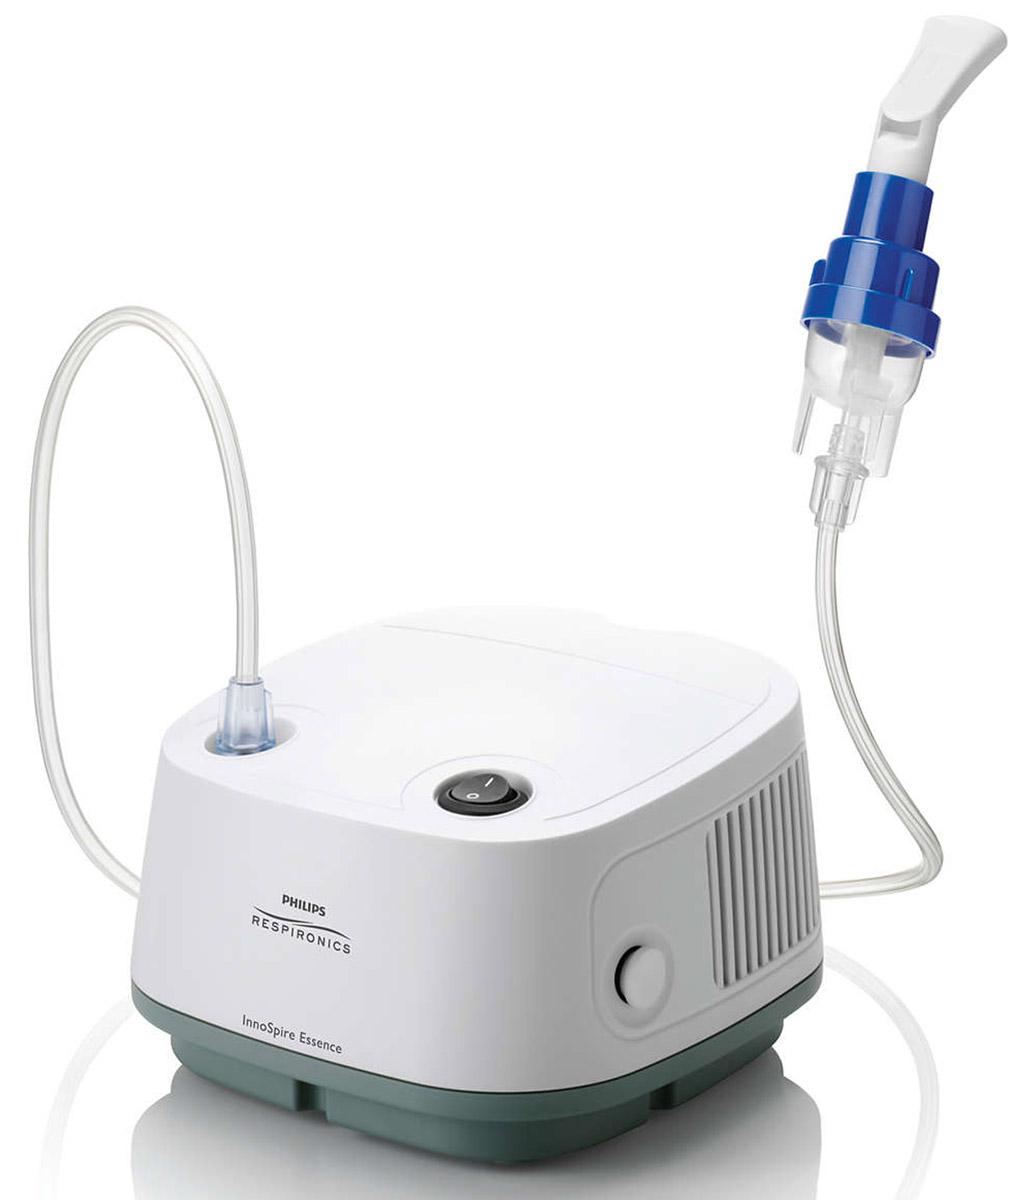 Philips InnoSpire Essence HH1338/00 компрессорный ингалятор1126225Компрессорный ингалятор InnoSpire от Philips Respironics - устройство по разумной цене, обеспечивающее быстрое и эффективное введение лекарственных препаратов при аэрозольной терапии.Компрессорная ингаляционная система InnoSpire Essence эффективно работает в сочетании с ингаляторами SideStream, оснащенными активной системой Вентури, которая увеличивает скорость потока воздуха, идущего от компрессора. Это позволяет быстрее вводить лекарство и сокращает время процедуры. Благодаря меньшему количеству деталей компрессорные ингаляторы Essence проще собирать, очищать и использовать по сравнению с другими традиционными ингаляторами. Уникальная конструкция SideStream неизменно обеспечивает равномерное введение лекарств.Стильная конструкция включает в себя компрессор InnoSpire Essence, ингалятор SideStream Disposable, маску большую, маску малую, мундштук, трубку ингалятора, воздушный фильтр (1 шт), она прекрасно впишется в домашний интерьер. Ингалятор соответствует международному стандарту IEC 60601-1, устанавливающему требования к безопасности и техническим характеристикам (третье издание с последующими изменениями и дополнениями).Изделие предназначено для доставки многократных доз лекарства в домашних условиях. InnoSpire Essence в комплекте с ингалятором SideStream Disposable и дополнительными принадлежностями поставляется как компрессорная система ингаляции в сборе, которая готова к использованию сразу после ее получения.- РЗН 2017/5372 от 10.02.2017-ИМЕЮТСЯ ПРОТИВОПОКАЗАНИЯ. НЕОБХОДИМО ОЗНАКОМИТЬСЯ С ИНСТРУКЦИЕЙ